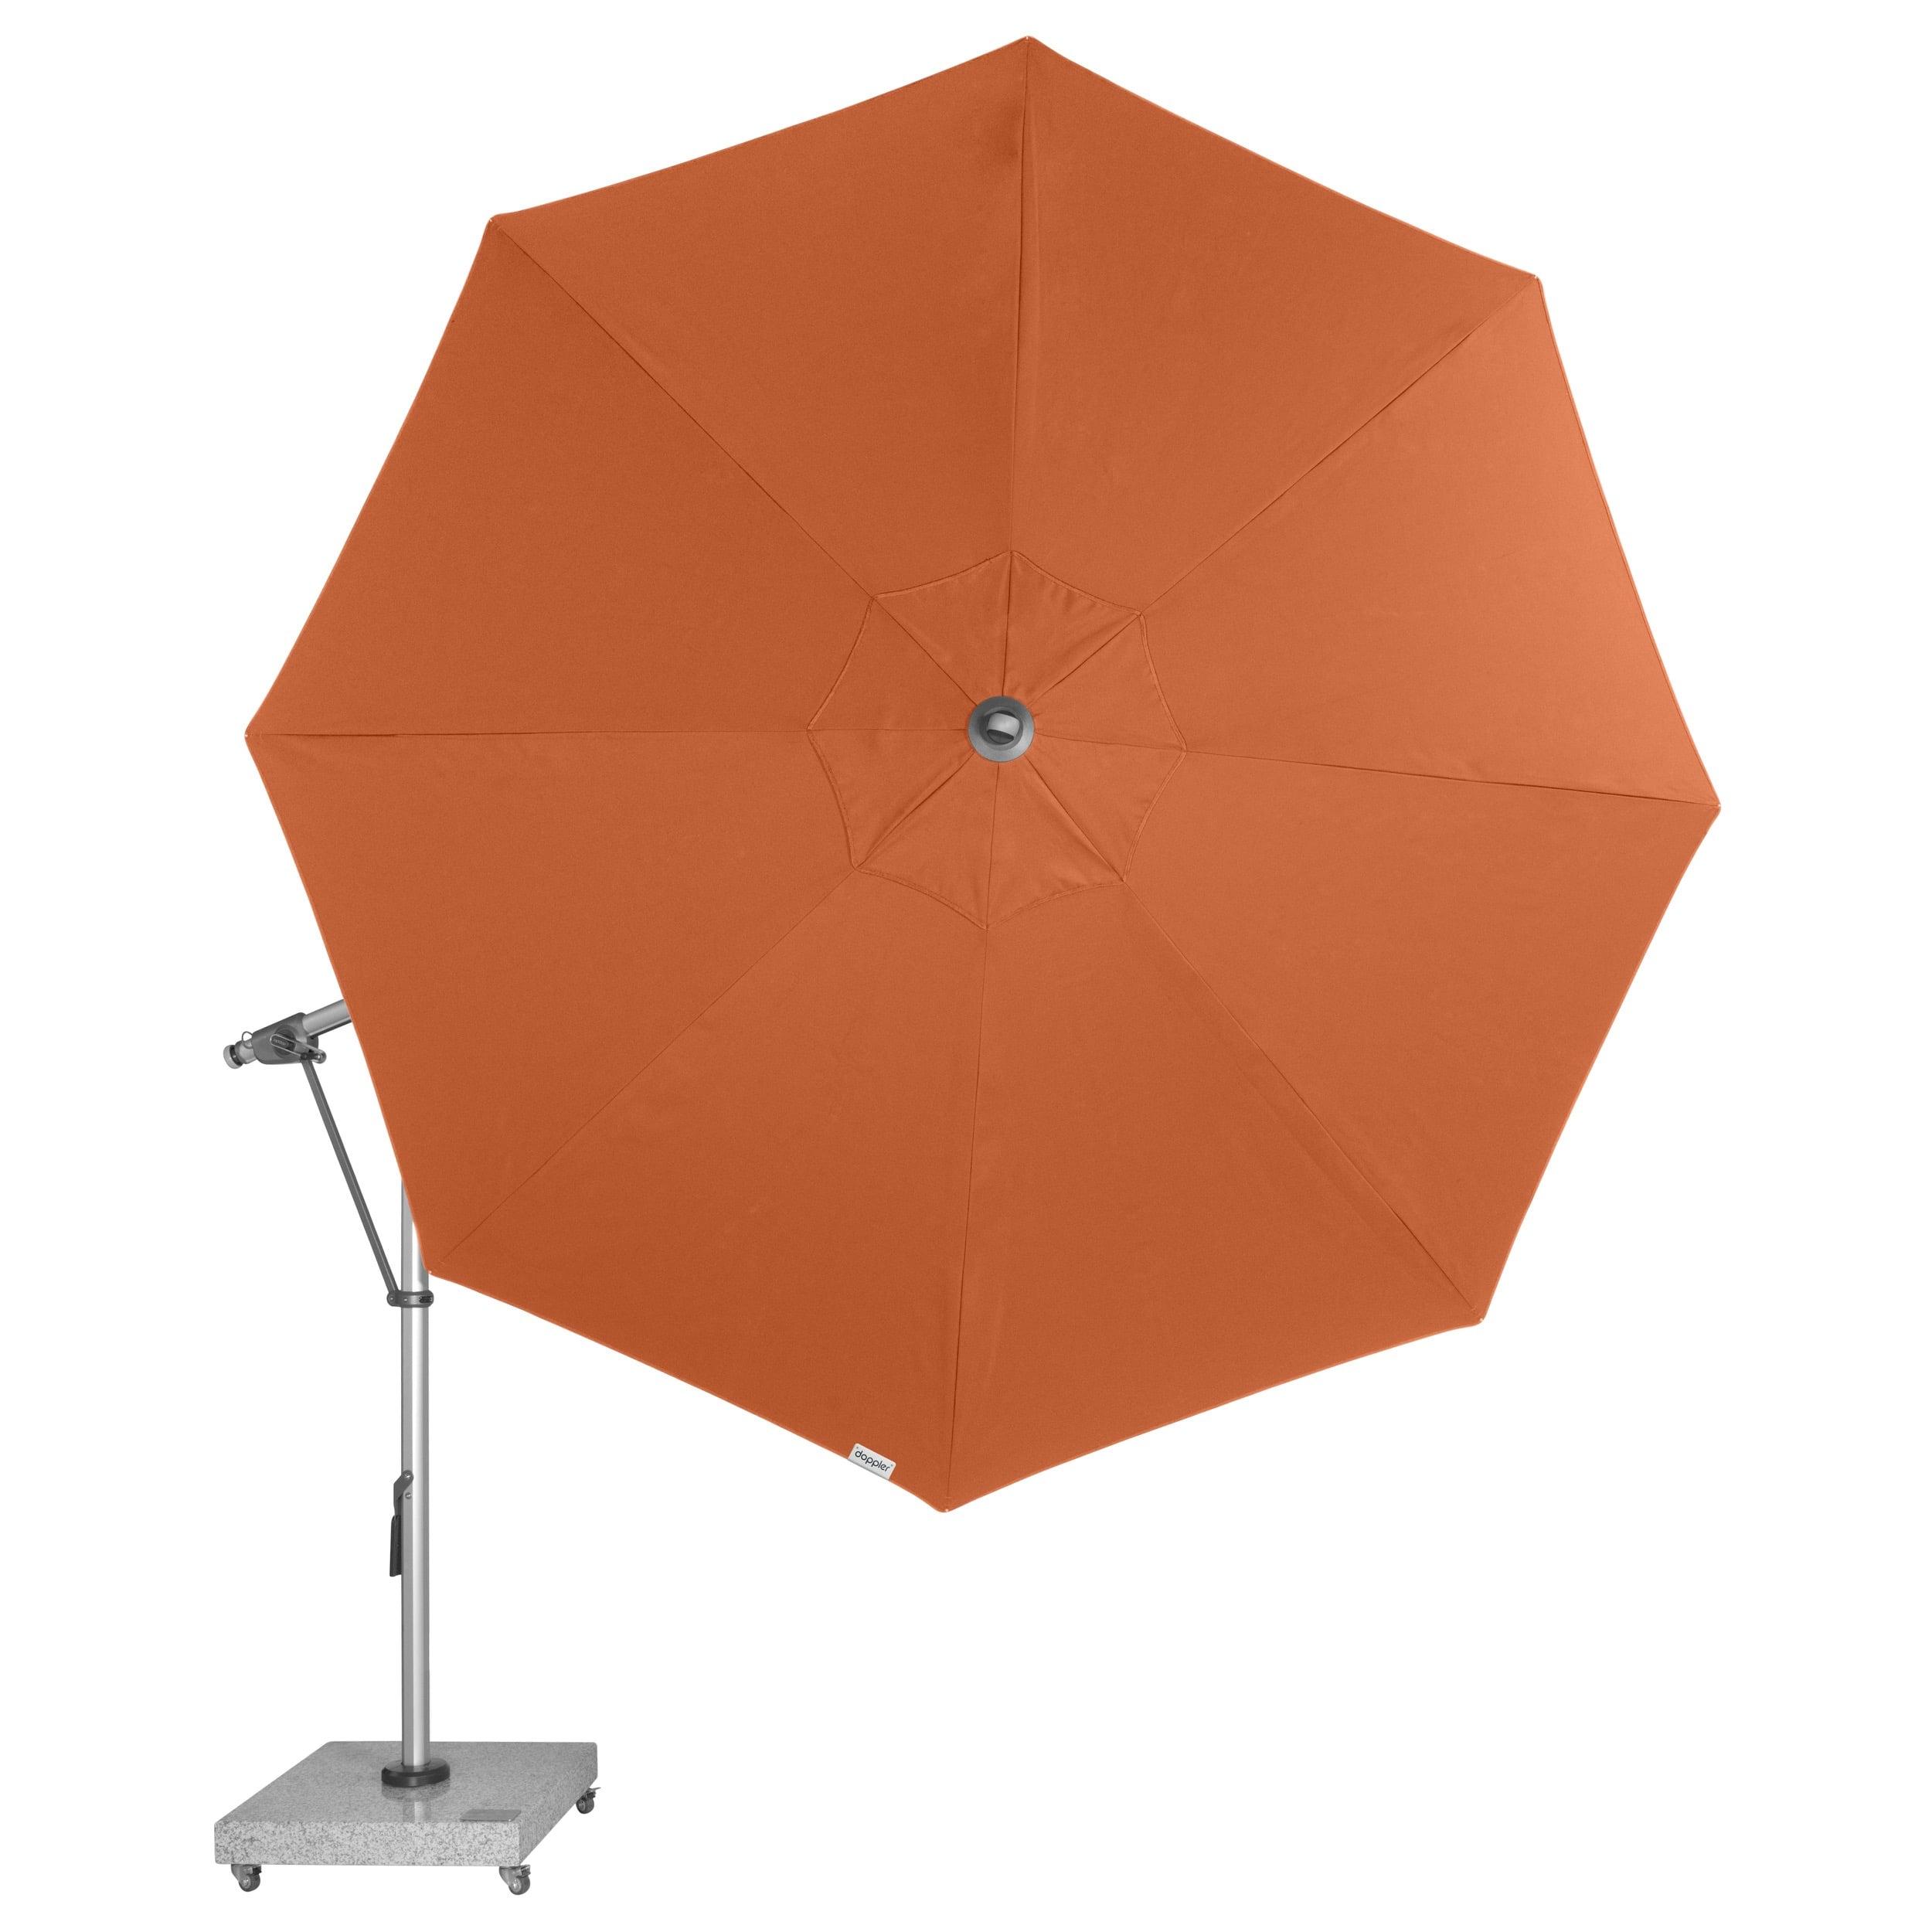 EXPERT 350P – zahradní výkyvný slunečník s boční tyčí, T831